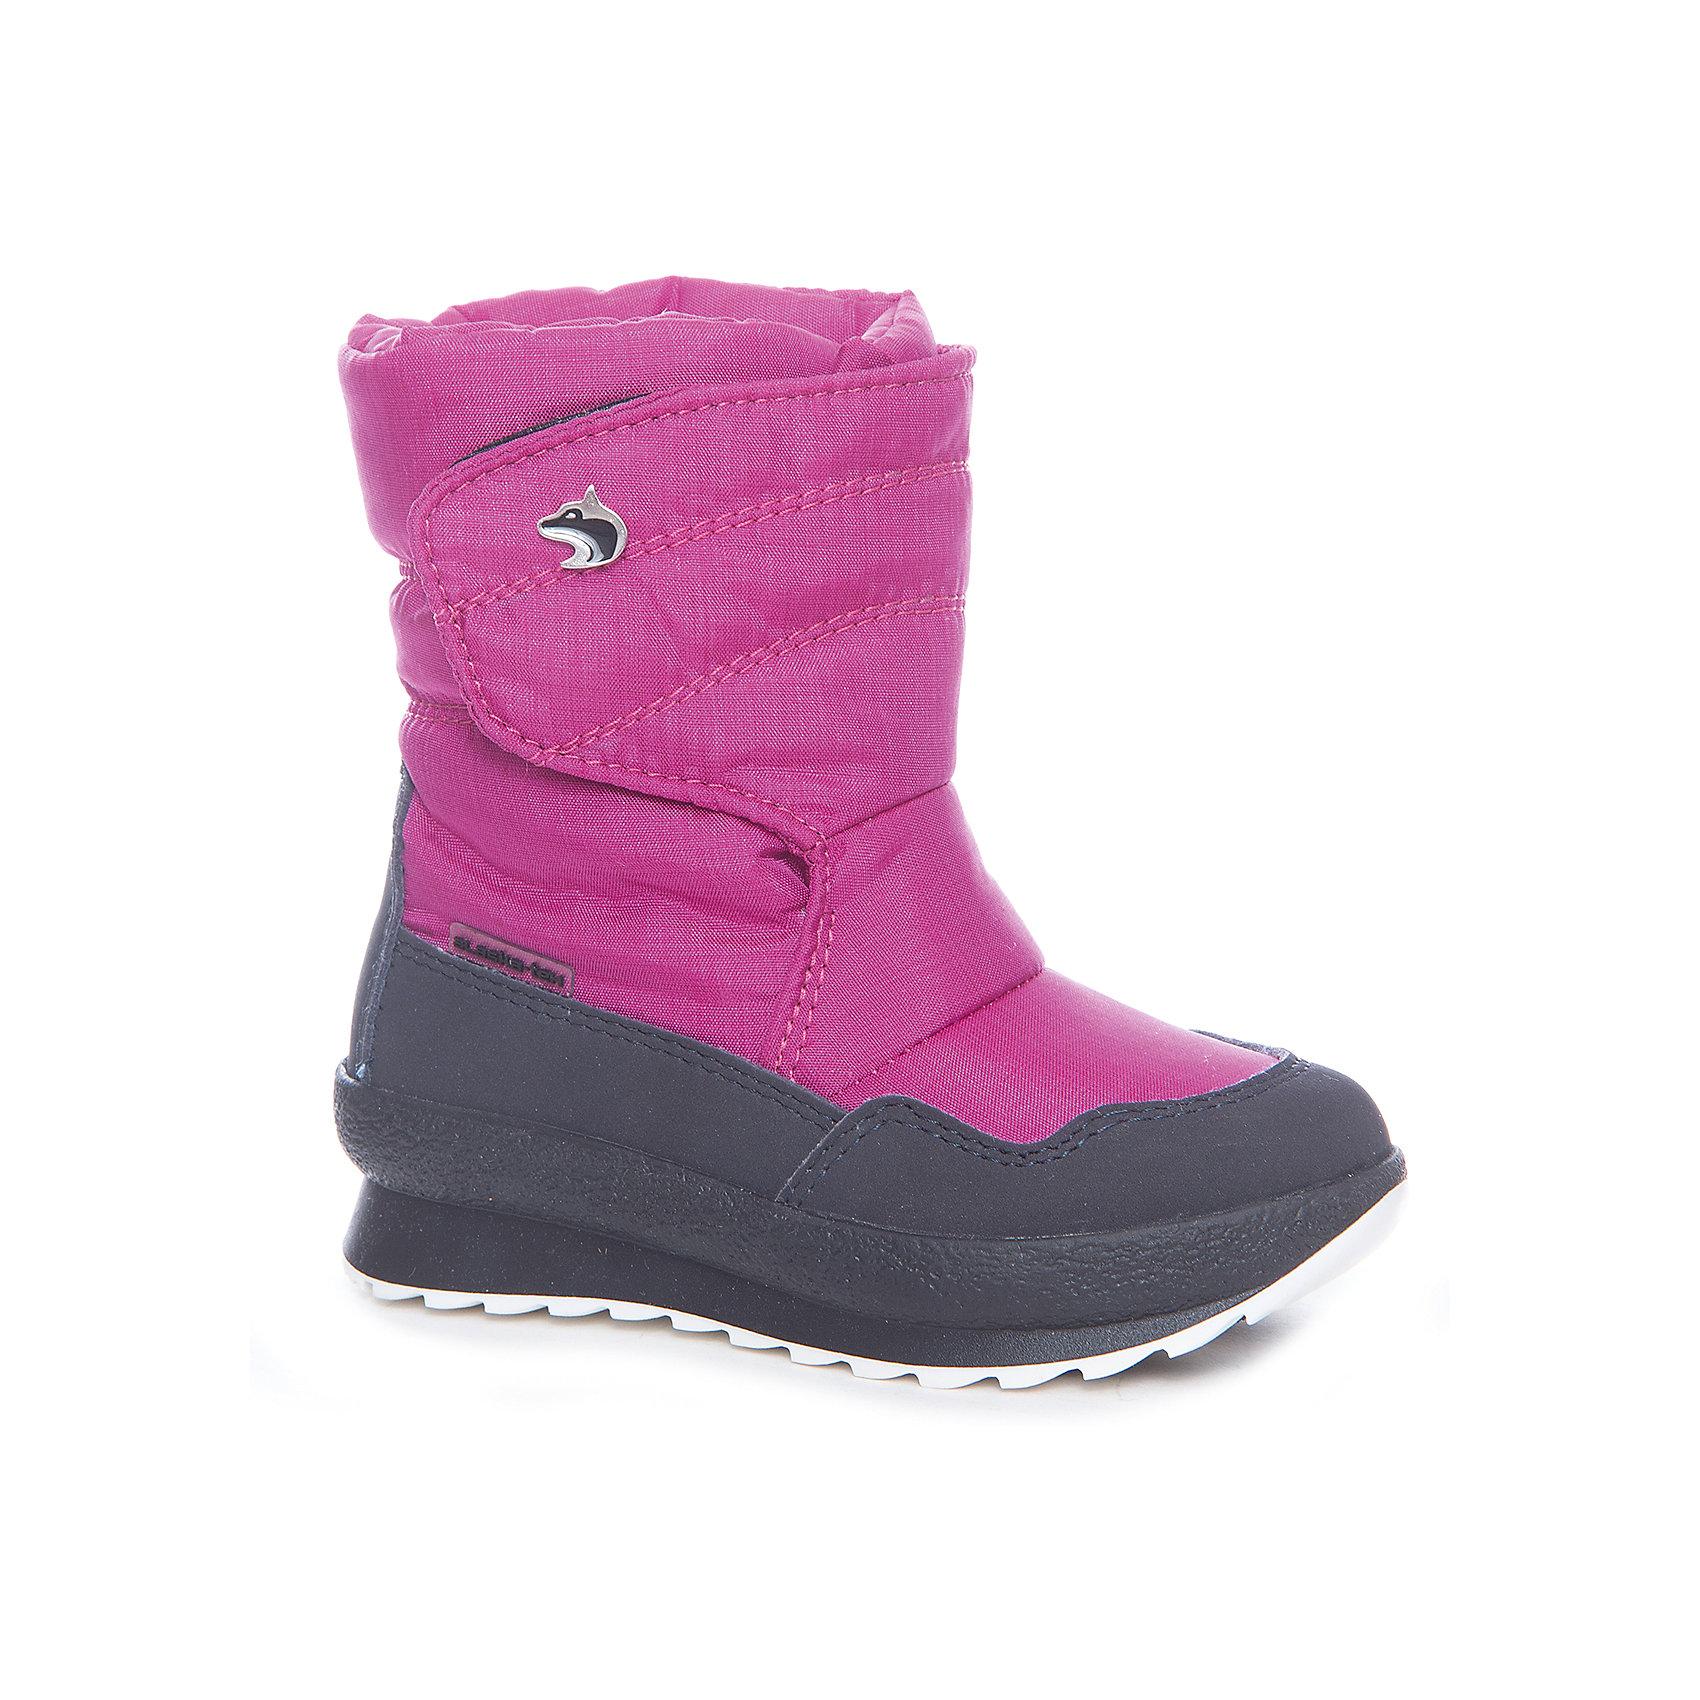 Сапоги  Alaska OriginaleДутики<br>Характеристики товара:<br><br>• цвет: розовый<br>• материал верха: 54% ПЭ, 46% ПА<br>• материал подкладки: текстиль <br>• материал подошвы: термопластик<br>• температурный режим: от-25° до 0° С<br>• мембранный слой<br>• рифленая подошва<br>• застежка: липучка<br>• толстая устойчивая подошва<br>• усиленные пятка и носок<br>• страна бренда: Италия<br>• страна изготовитель: Румыния<br><br>Качественная обувь особенна важна в суровых условиях русской зимы. Чтобы не пропустить главные зимние удовольствия, нужно запастись теплой и удобной обувью! Такие сапожки обеспечат ребенку необходимый для активного отдыха комфорт, а мембранный слой позволит ножкам оставаться сухими: он выводит наружу лишнюю влагу, не пропуская жидкости внутрь. Сапожки легко надеваются и снимаются, отлично сидят на ноге. <br>Обувь от итальянского бренда Alaska Originale - это качественные товары, созданные с применением новейших технологий и с использованием как натуральных, так и высокотехнологичных материалов. Обувь отличается стильным дизайном и продуманной конструкцией. Изделие производится из качественных и проверенных материалов, которые безопасны для детей.<br><br>Сапоги от бренда Alaska Originale можно купить в нашем интернет-магазине.<br><br>Ширина мм: 257<br>Глубина мм: 180<br>Высота мм: 130<br>Вес г: 420<br>Цвет: розовый<br>Возраст от месяцев: 24<br>Возраст до месяцев: 36<br>Пол: Женский<br>Возраст: Детский<br>Размер: 26,33,34,35,25,27,31,28,32,29,30<br>SKU: 5134449